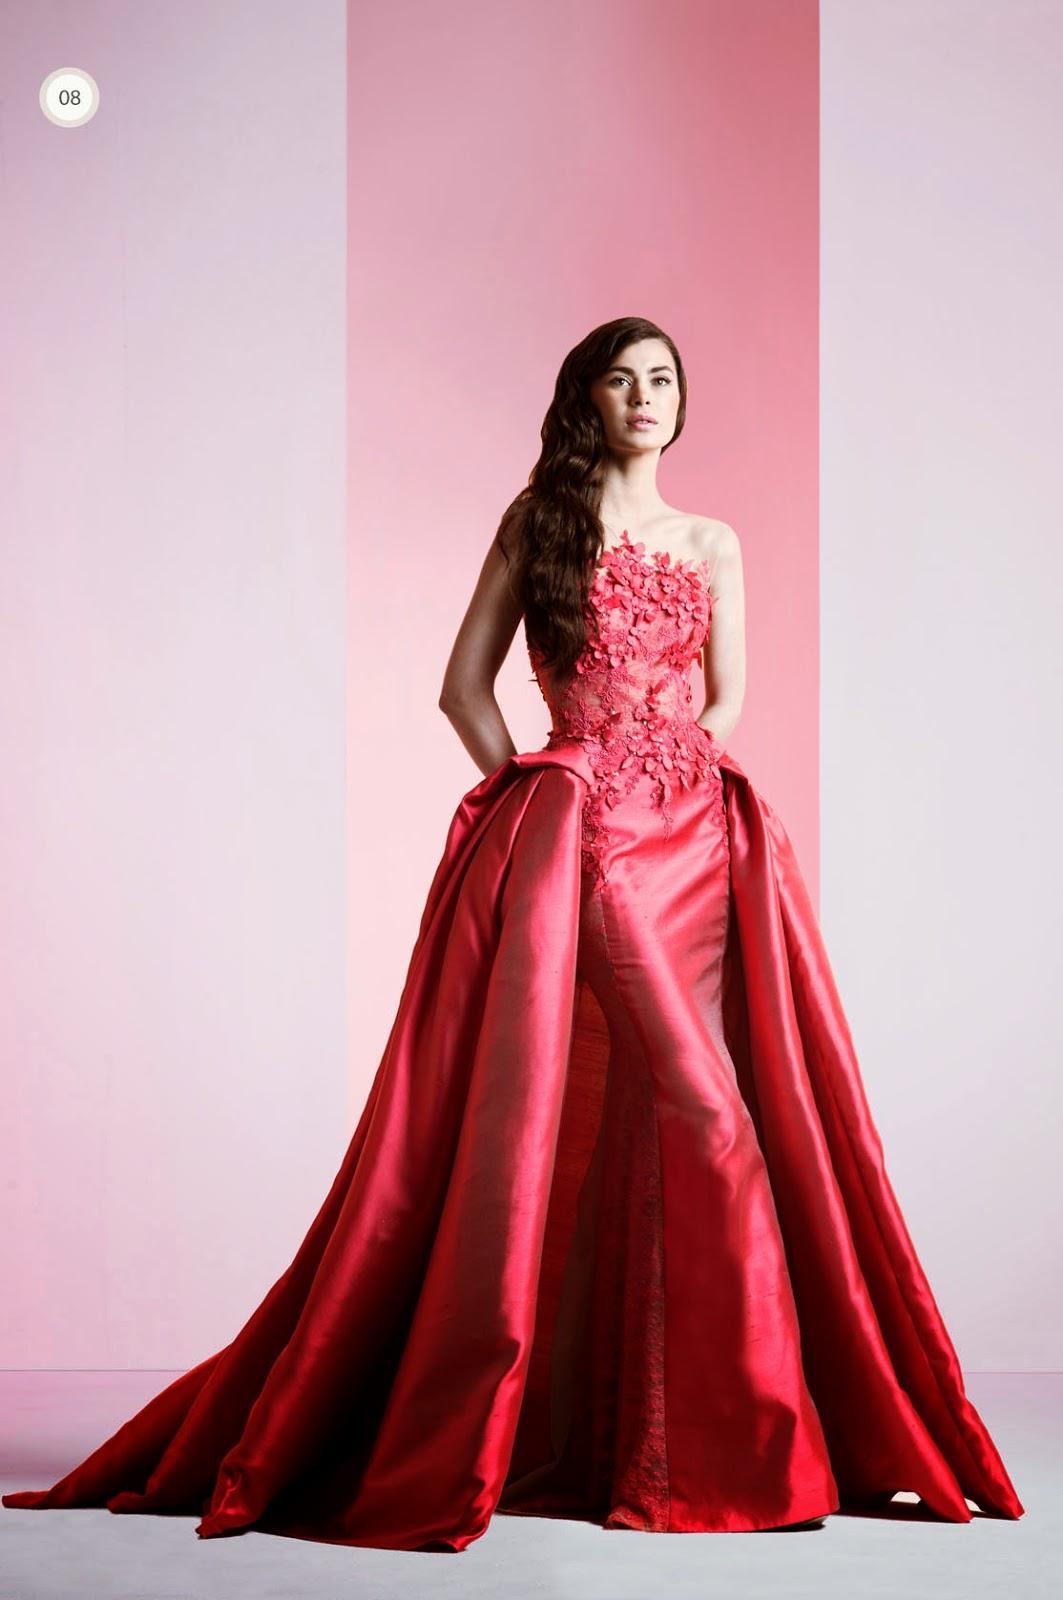 Niesamowite Elie Saab Suknia Czerwona załoga A-Line Aplikacja Koronkowa Sukienka Prom Dress Z Odpinanym pociągiem Darmowa Wysyłka